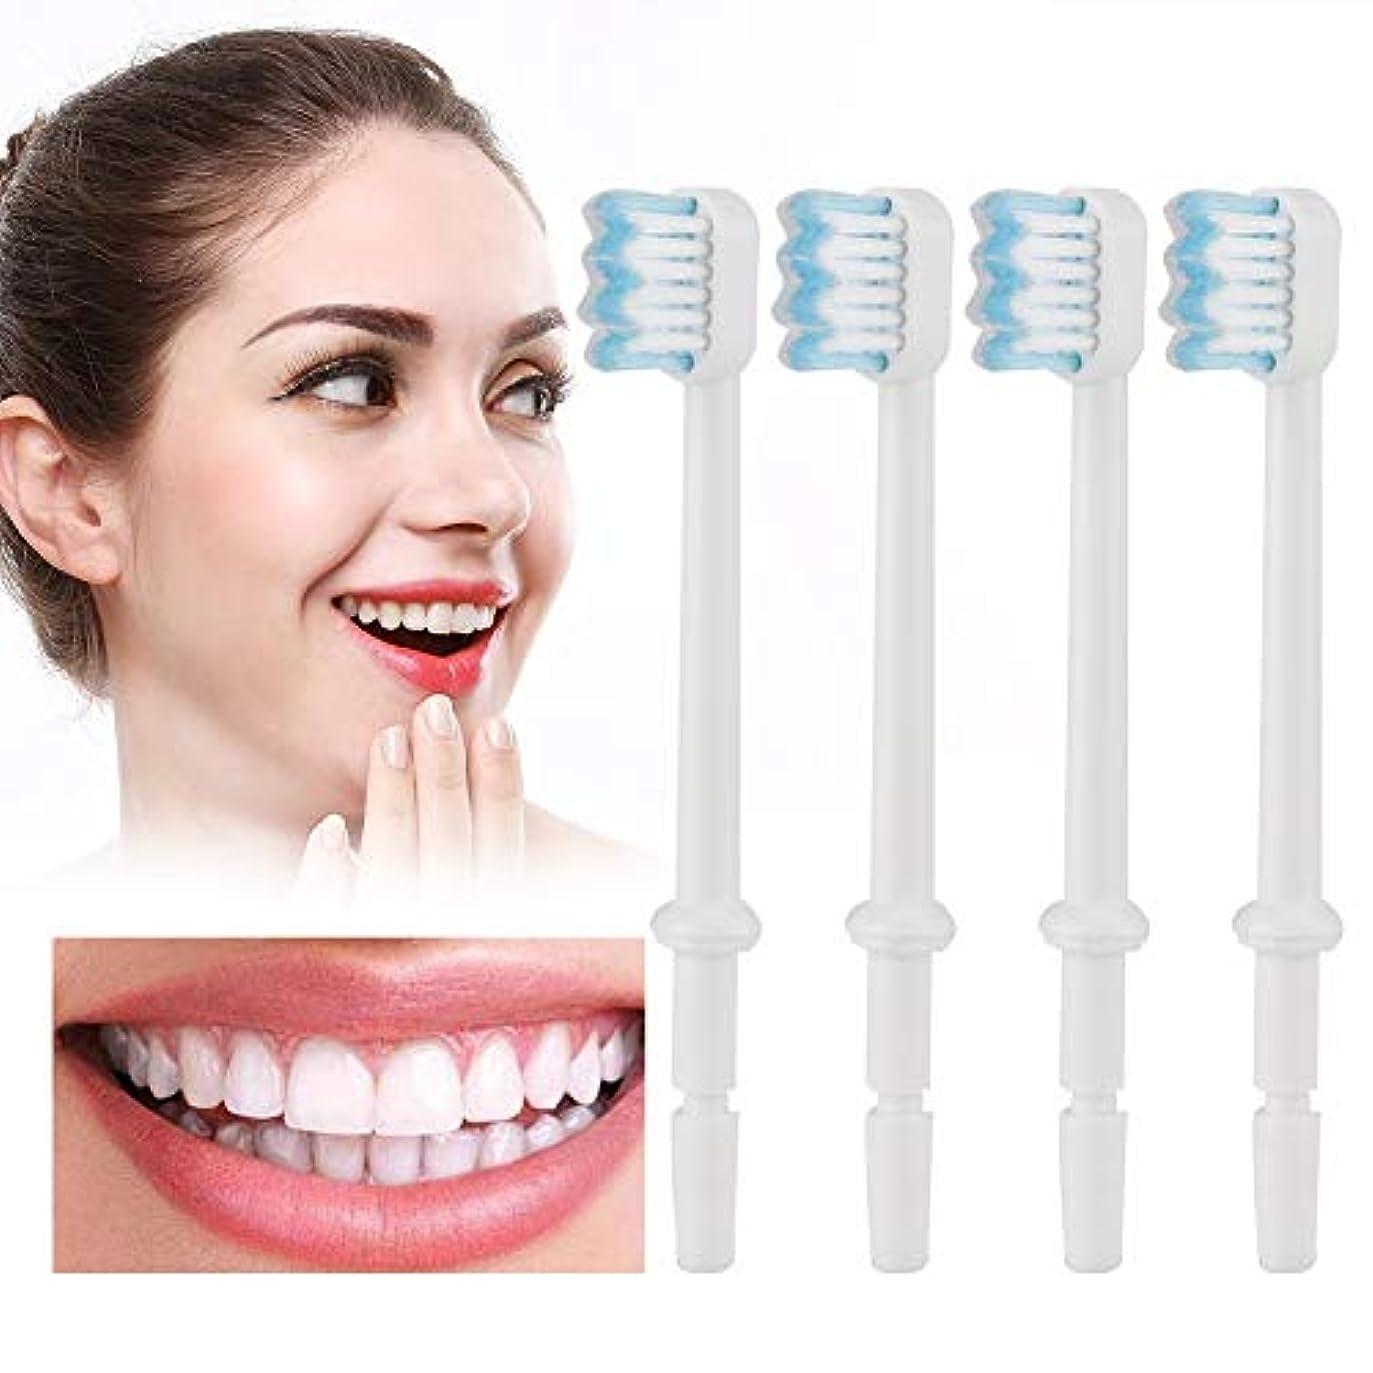 定義する謝罪する説明的4本/セット歯ブラシノズルオーラルフロス歯ノズル交換部品